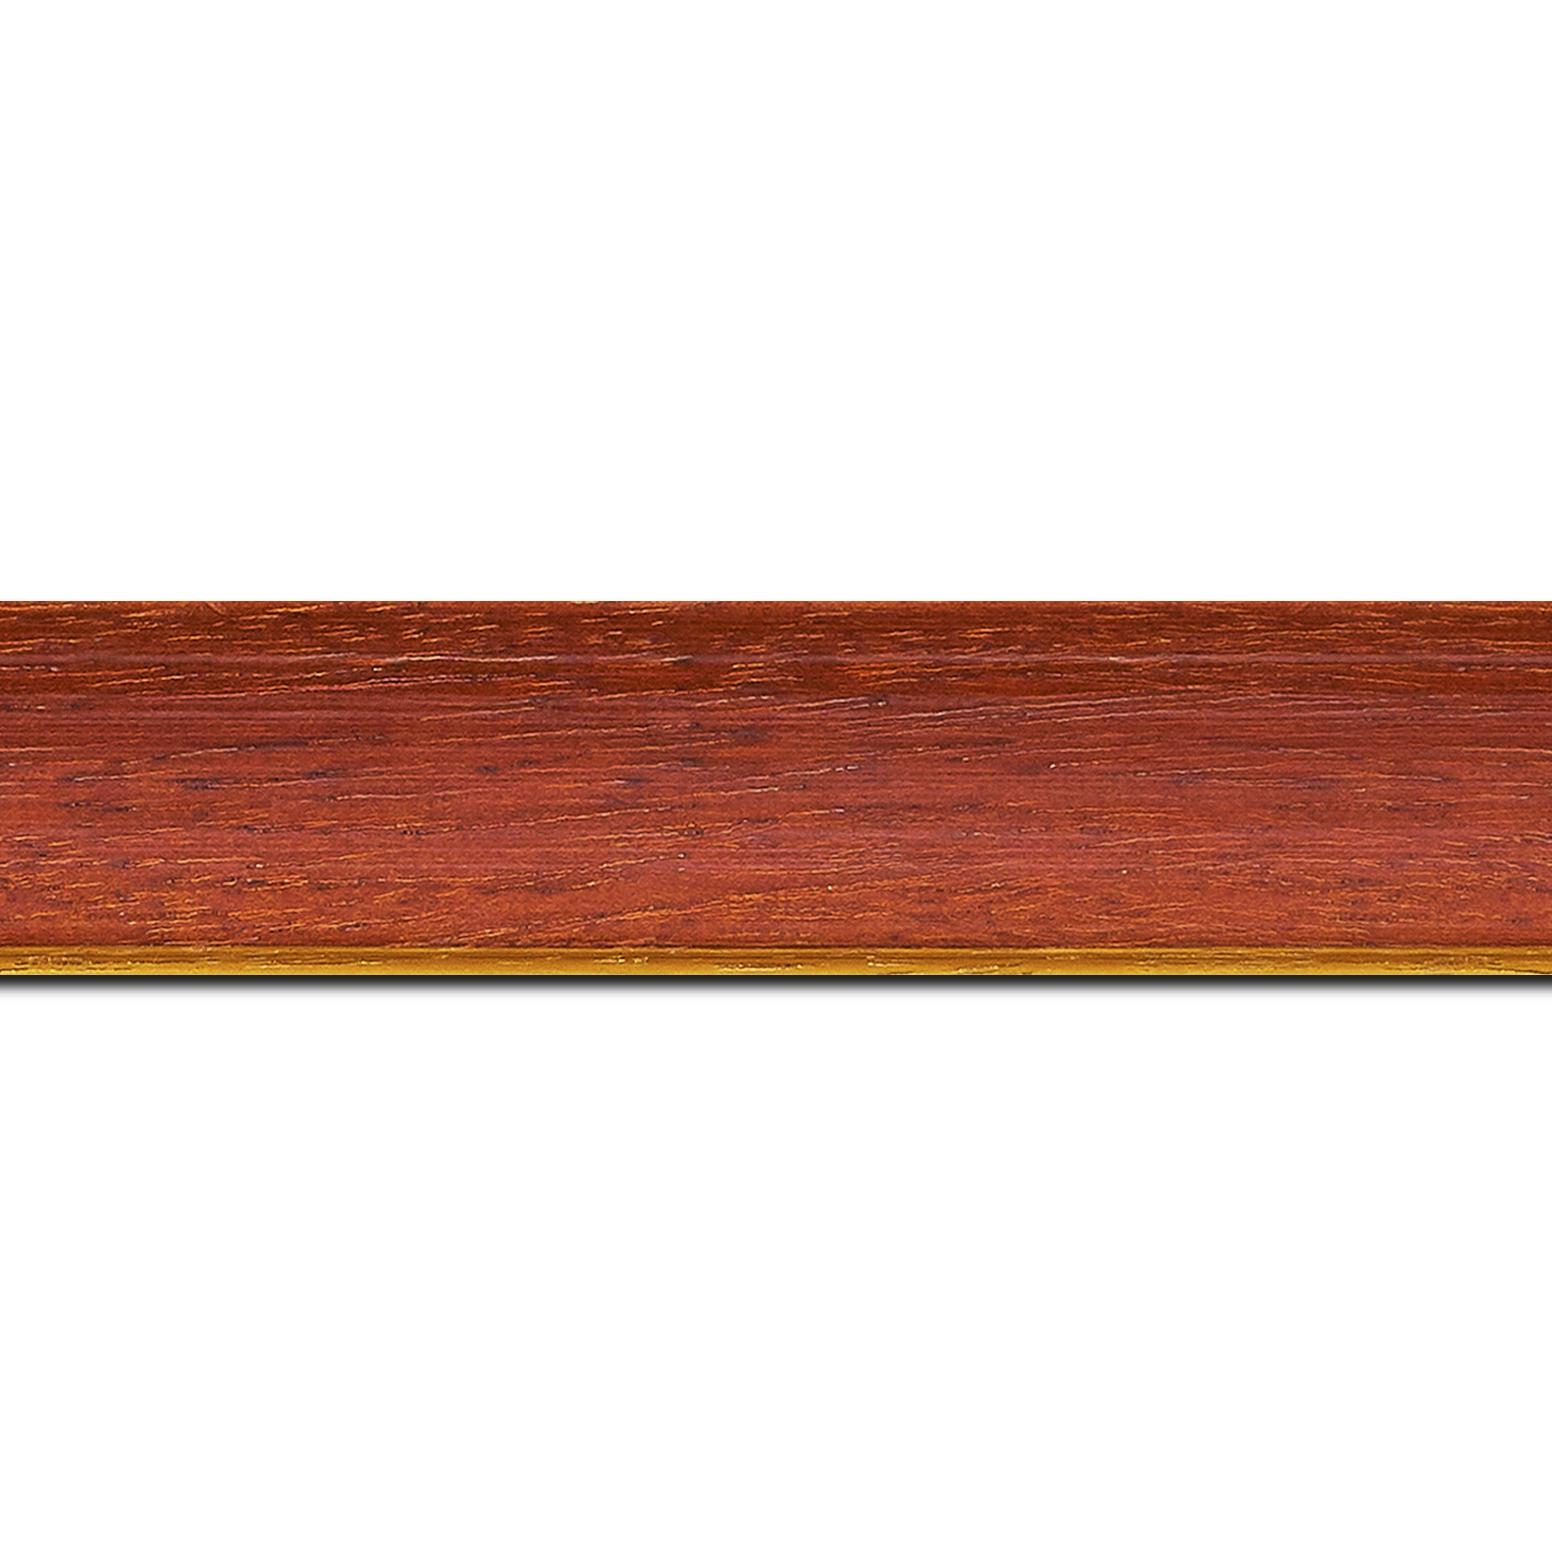 Pack par 12m, bois profil incurvé largeur 3.9cm couleur rouge cerise satiné filet or (longueur baguette pouvant varier entre 2.40m et 3m selon arrivage des bois)